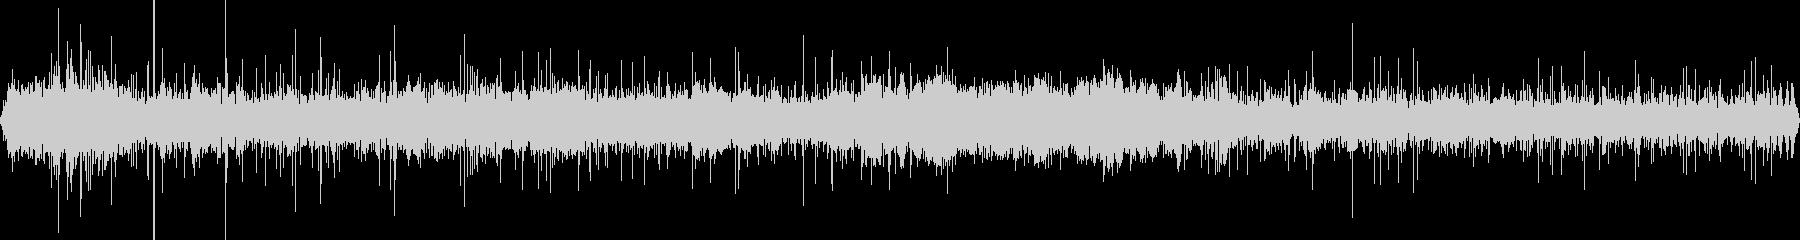 イルカ、スピナークリック。複数のク...の未再生の波形